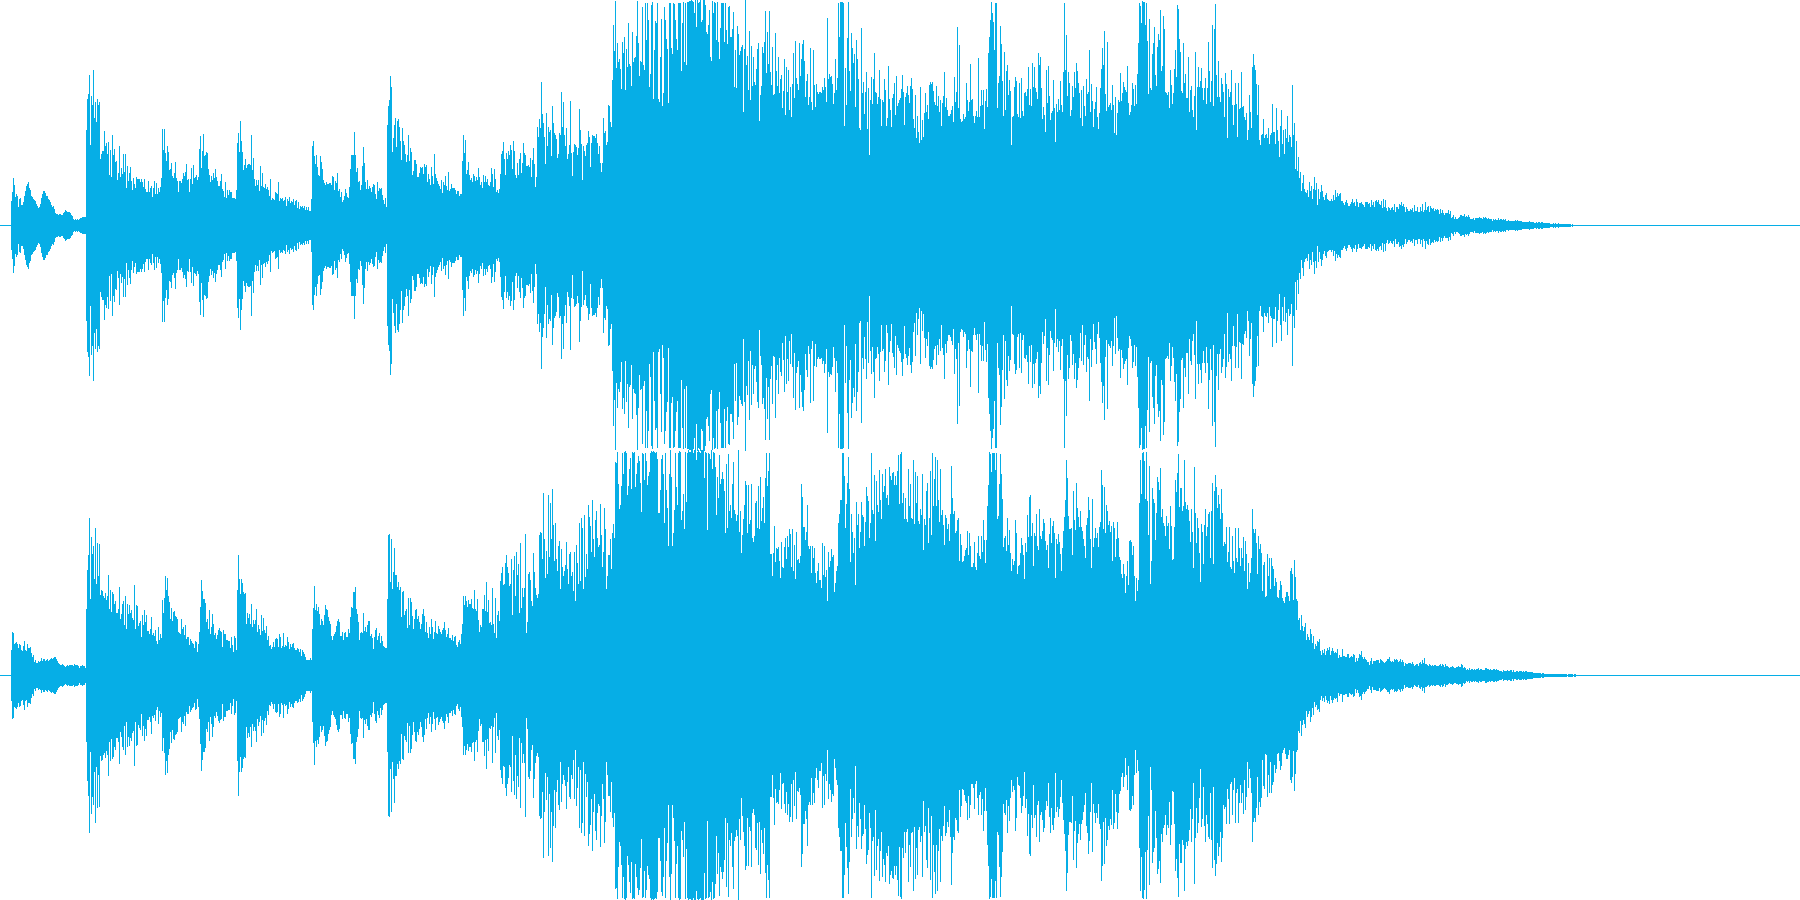 和楽器とオーケストラの壮大なBGMの再生済みの波形